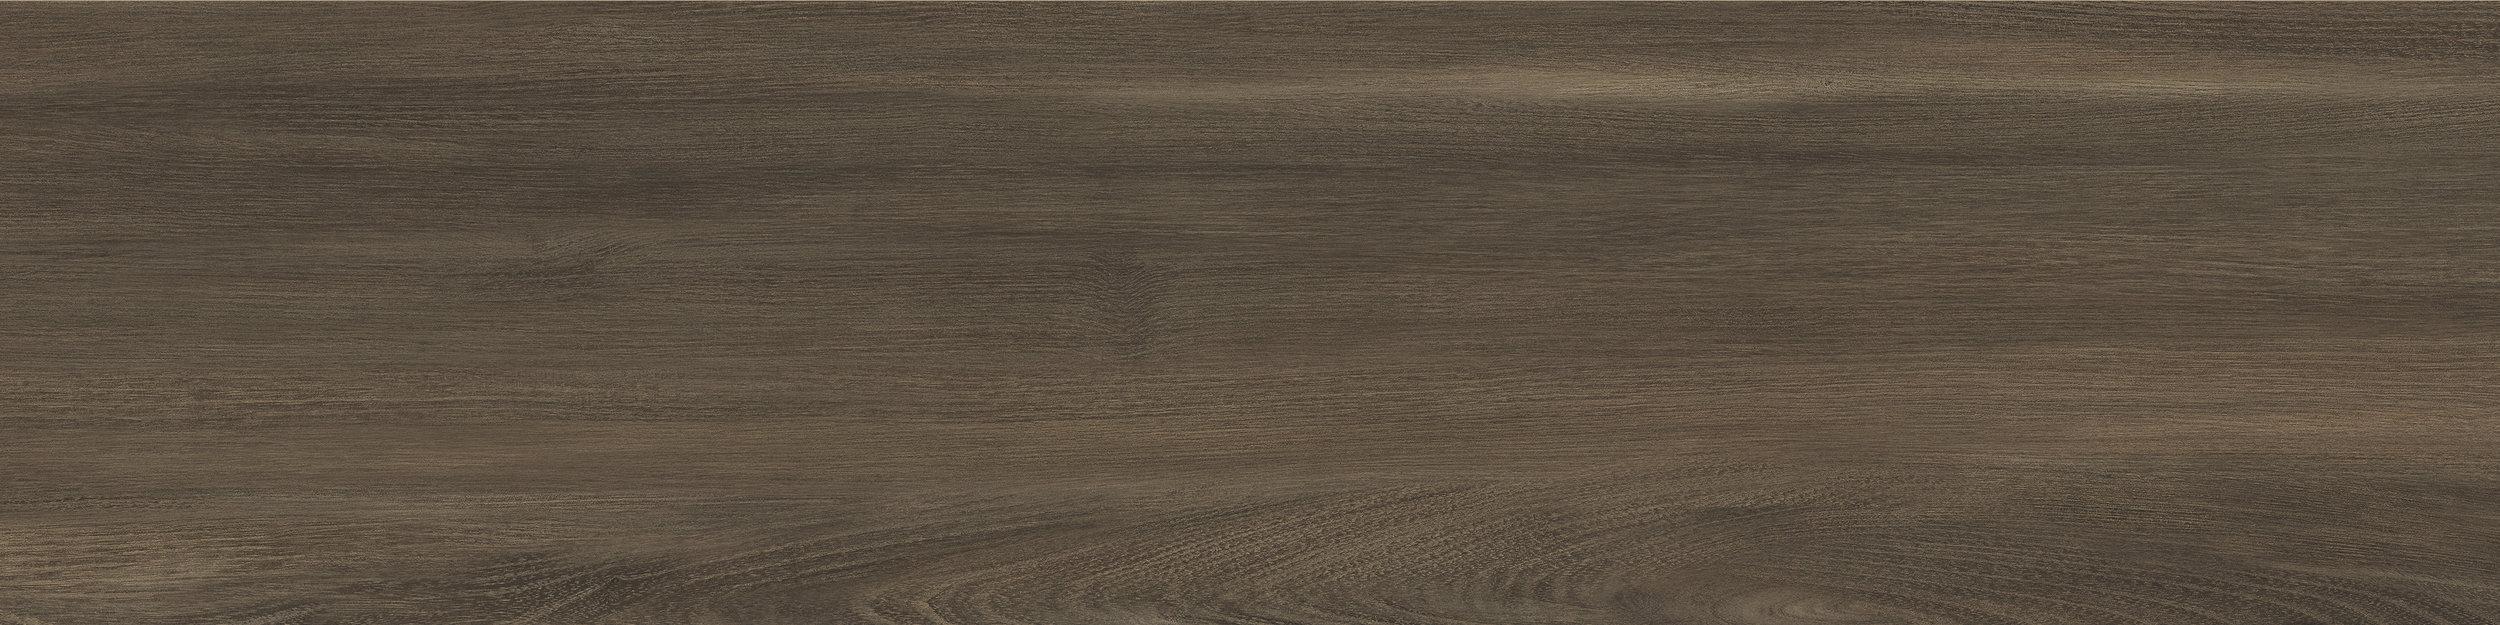 Luxor Carbone 22.5x90 cm